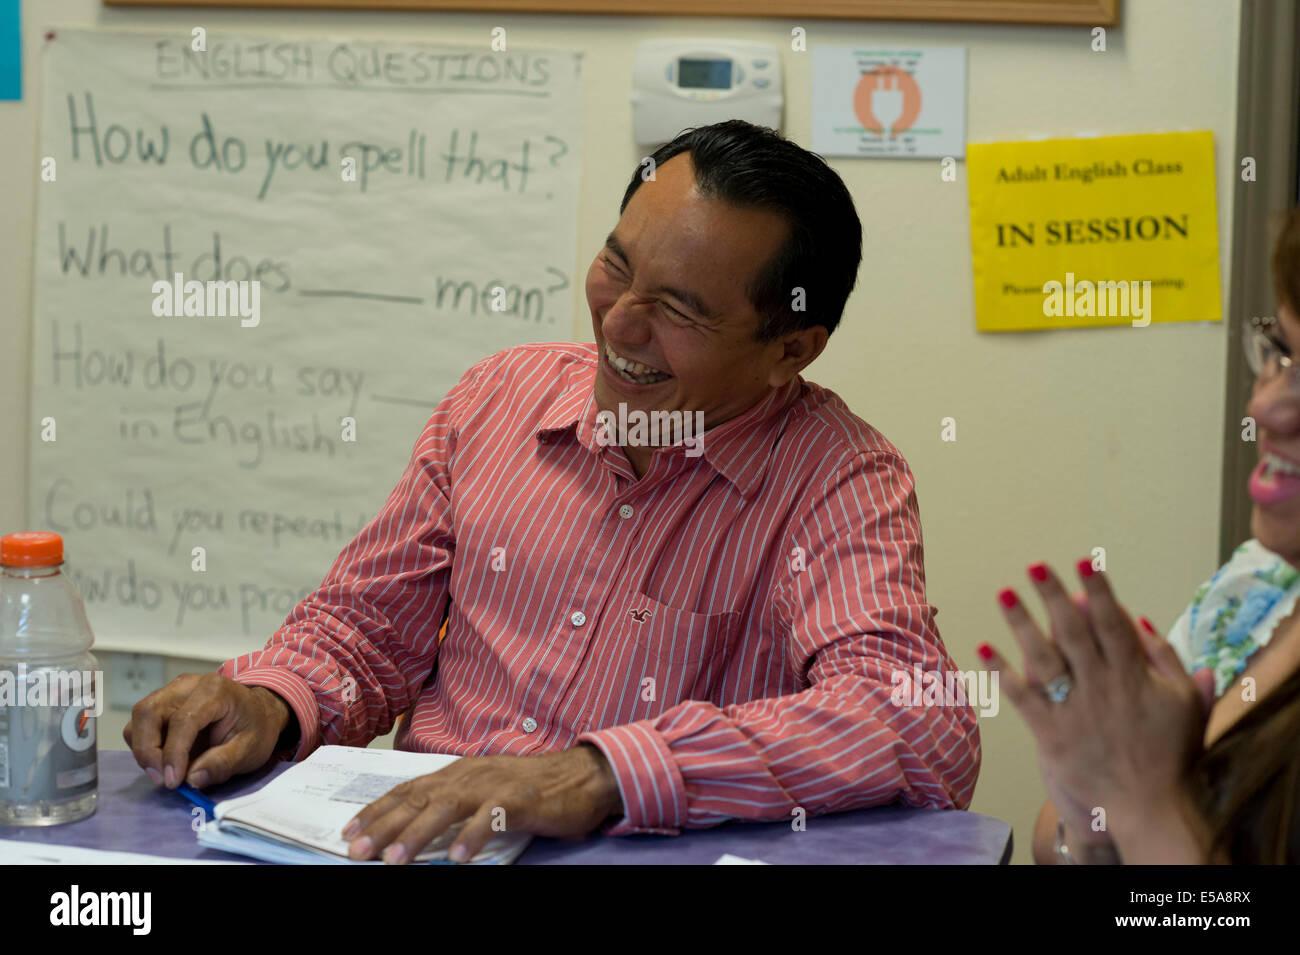 Learning English Language Stockfotos & Learning English Language ...